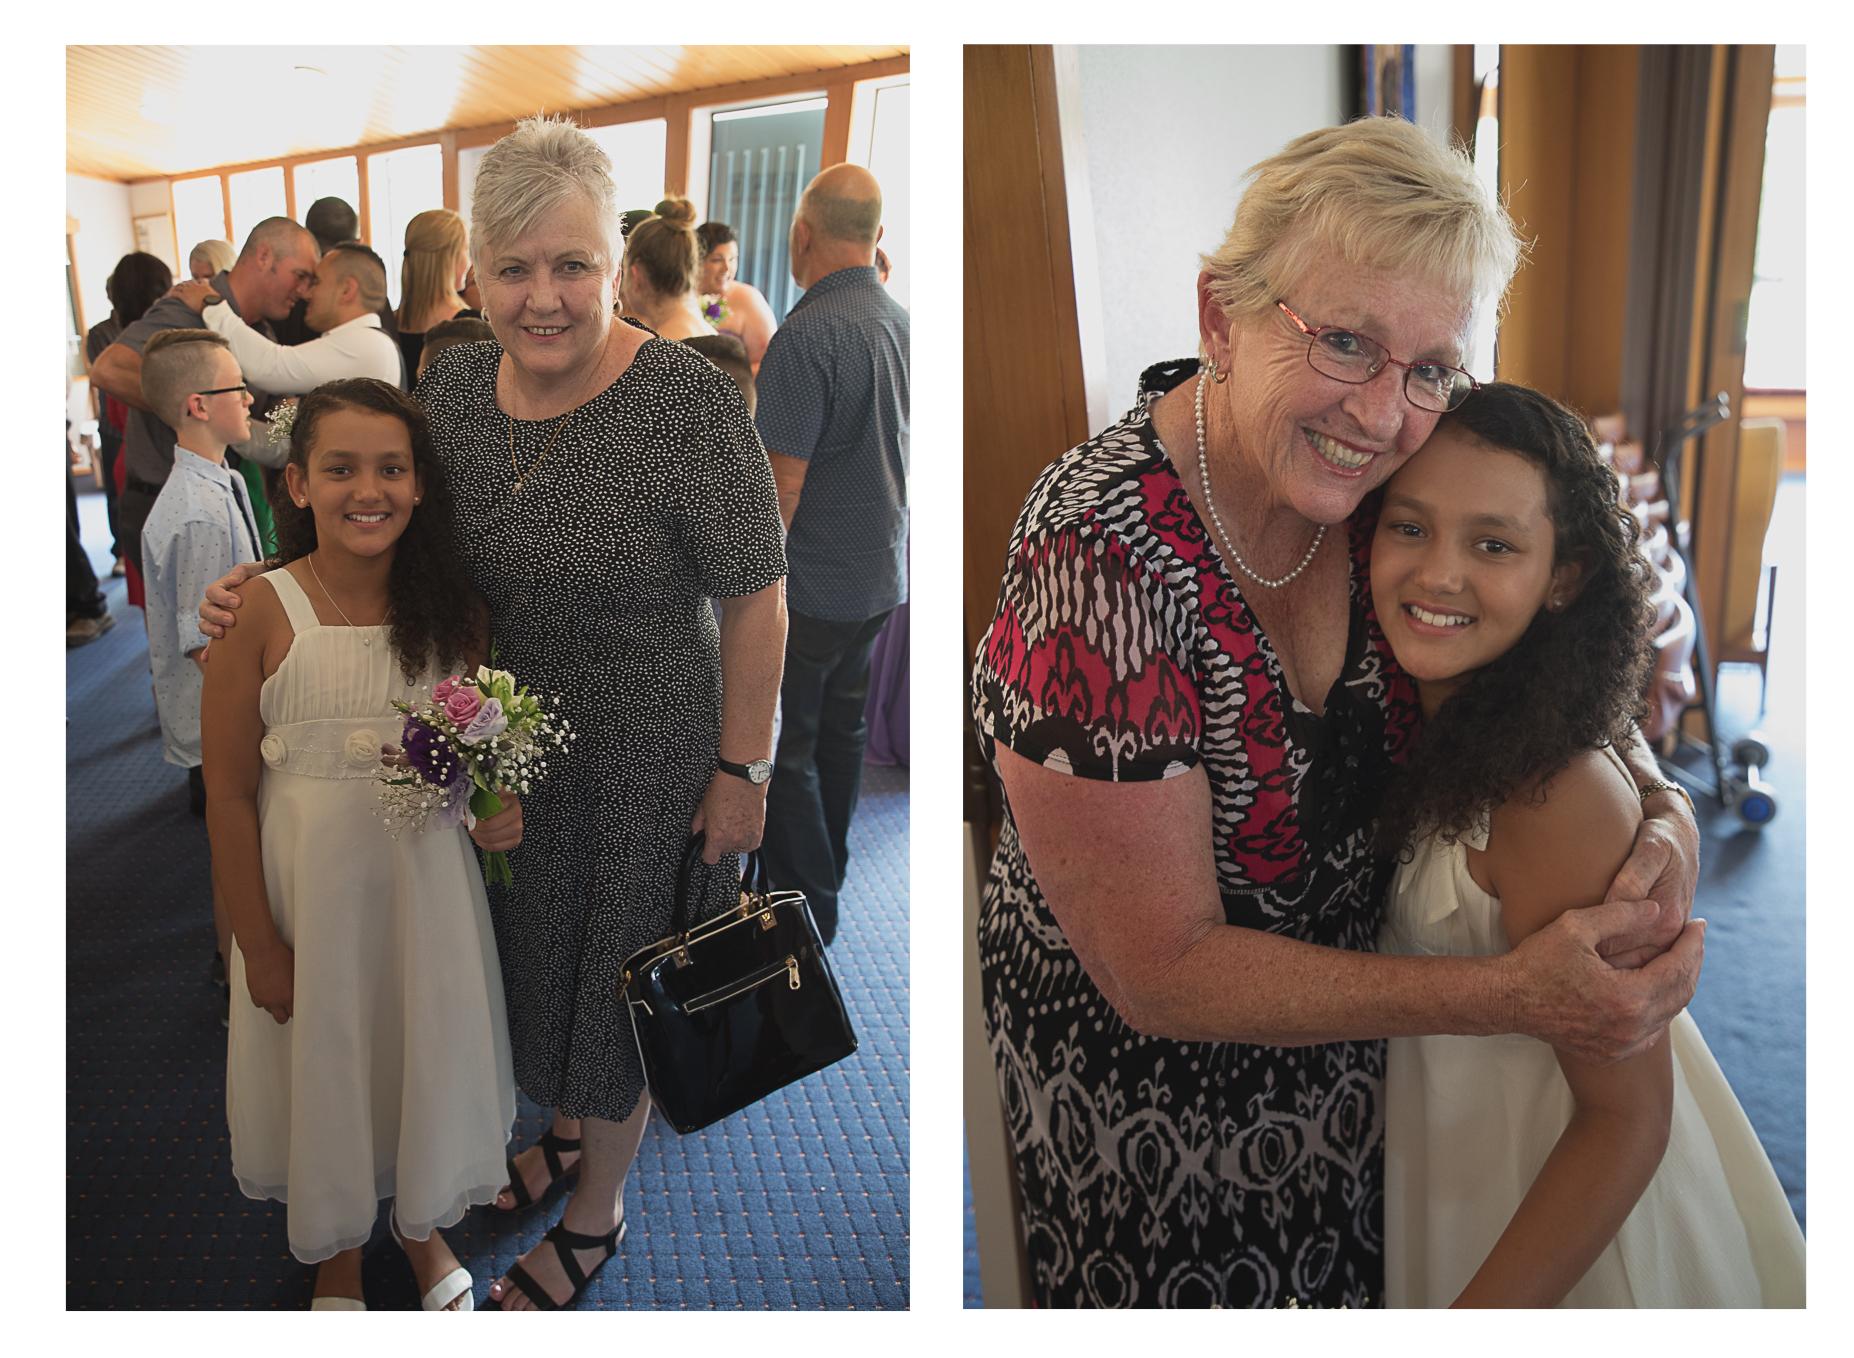 aunties with children wedding reception